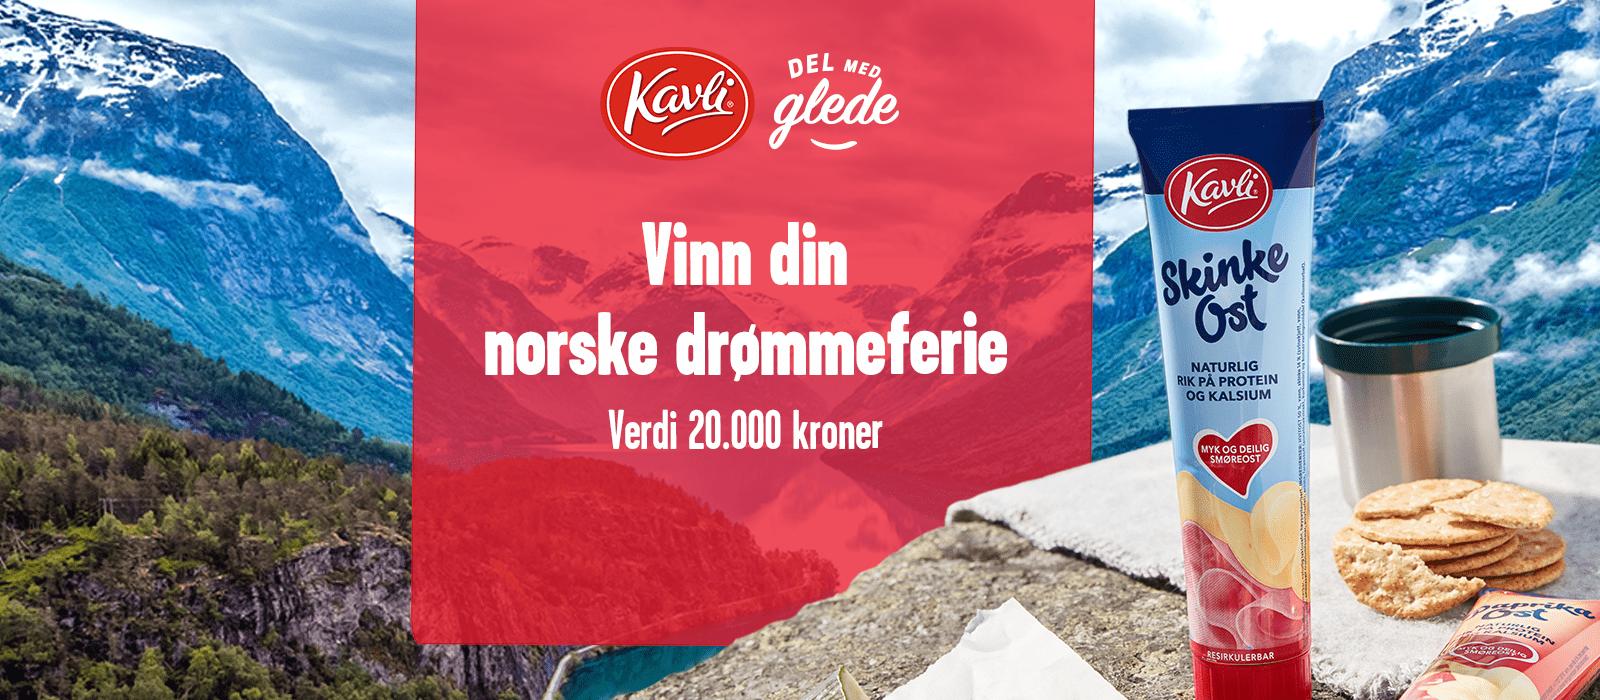 Kavli-konkurranse: Vinn din norske drømmeferie til en verdi av 20.000 kroner.